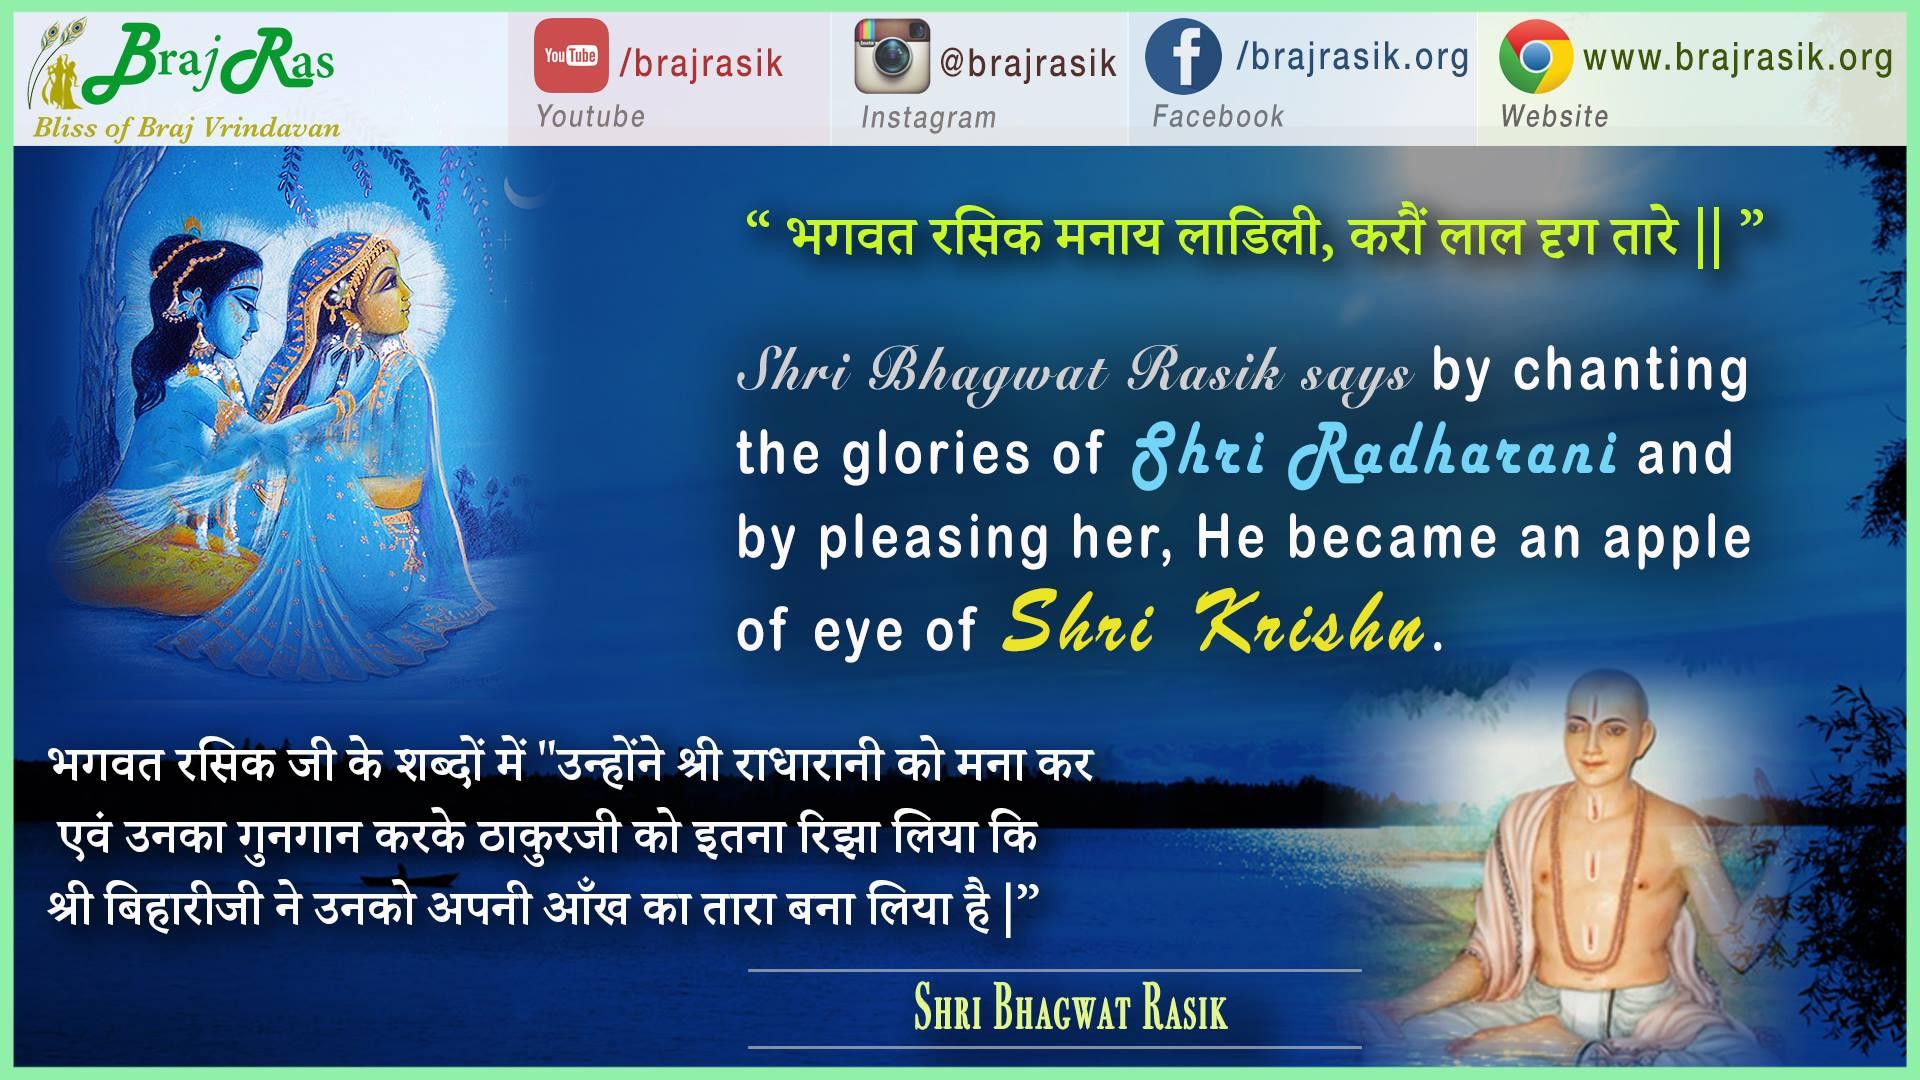 Bhagwat Rasik Manay Ladli - Shri Bhagwat Rasik